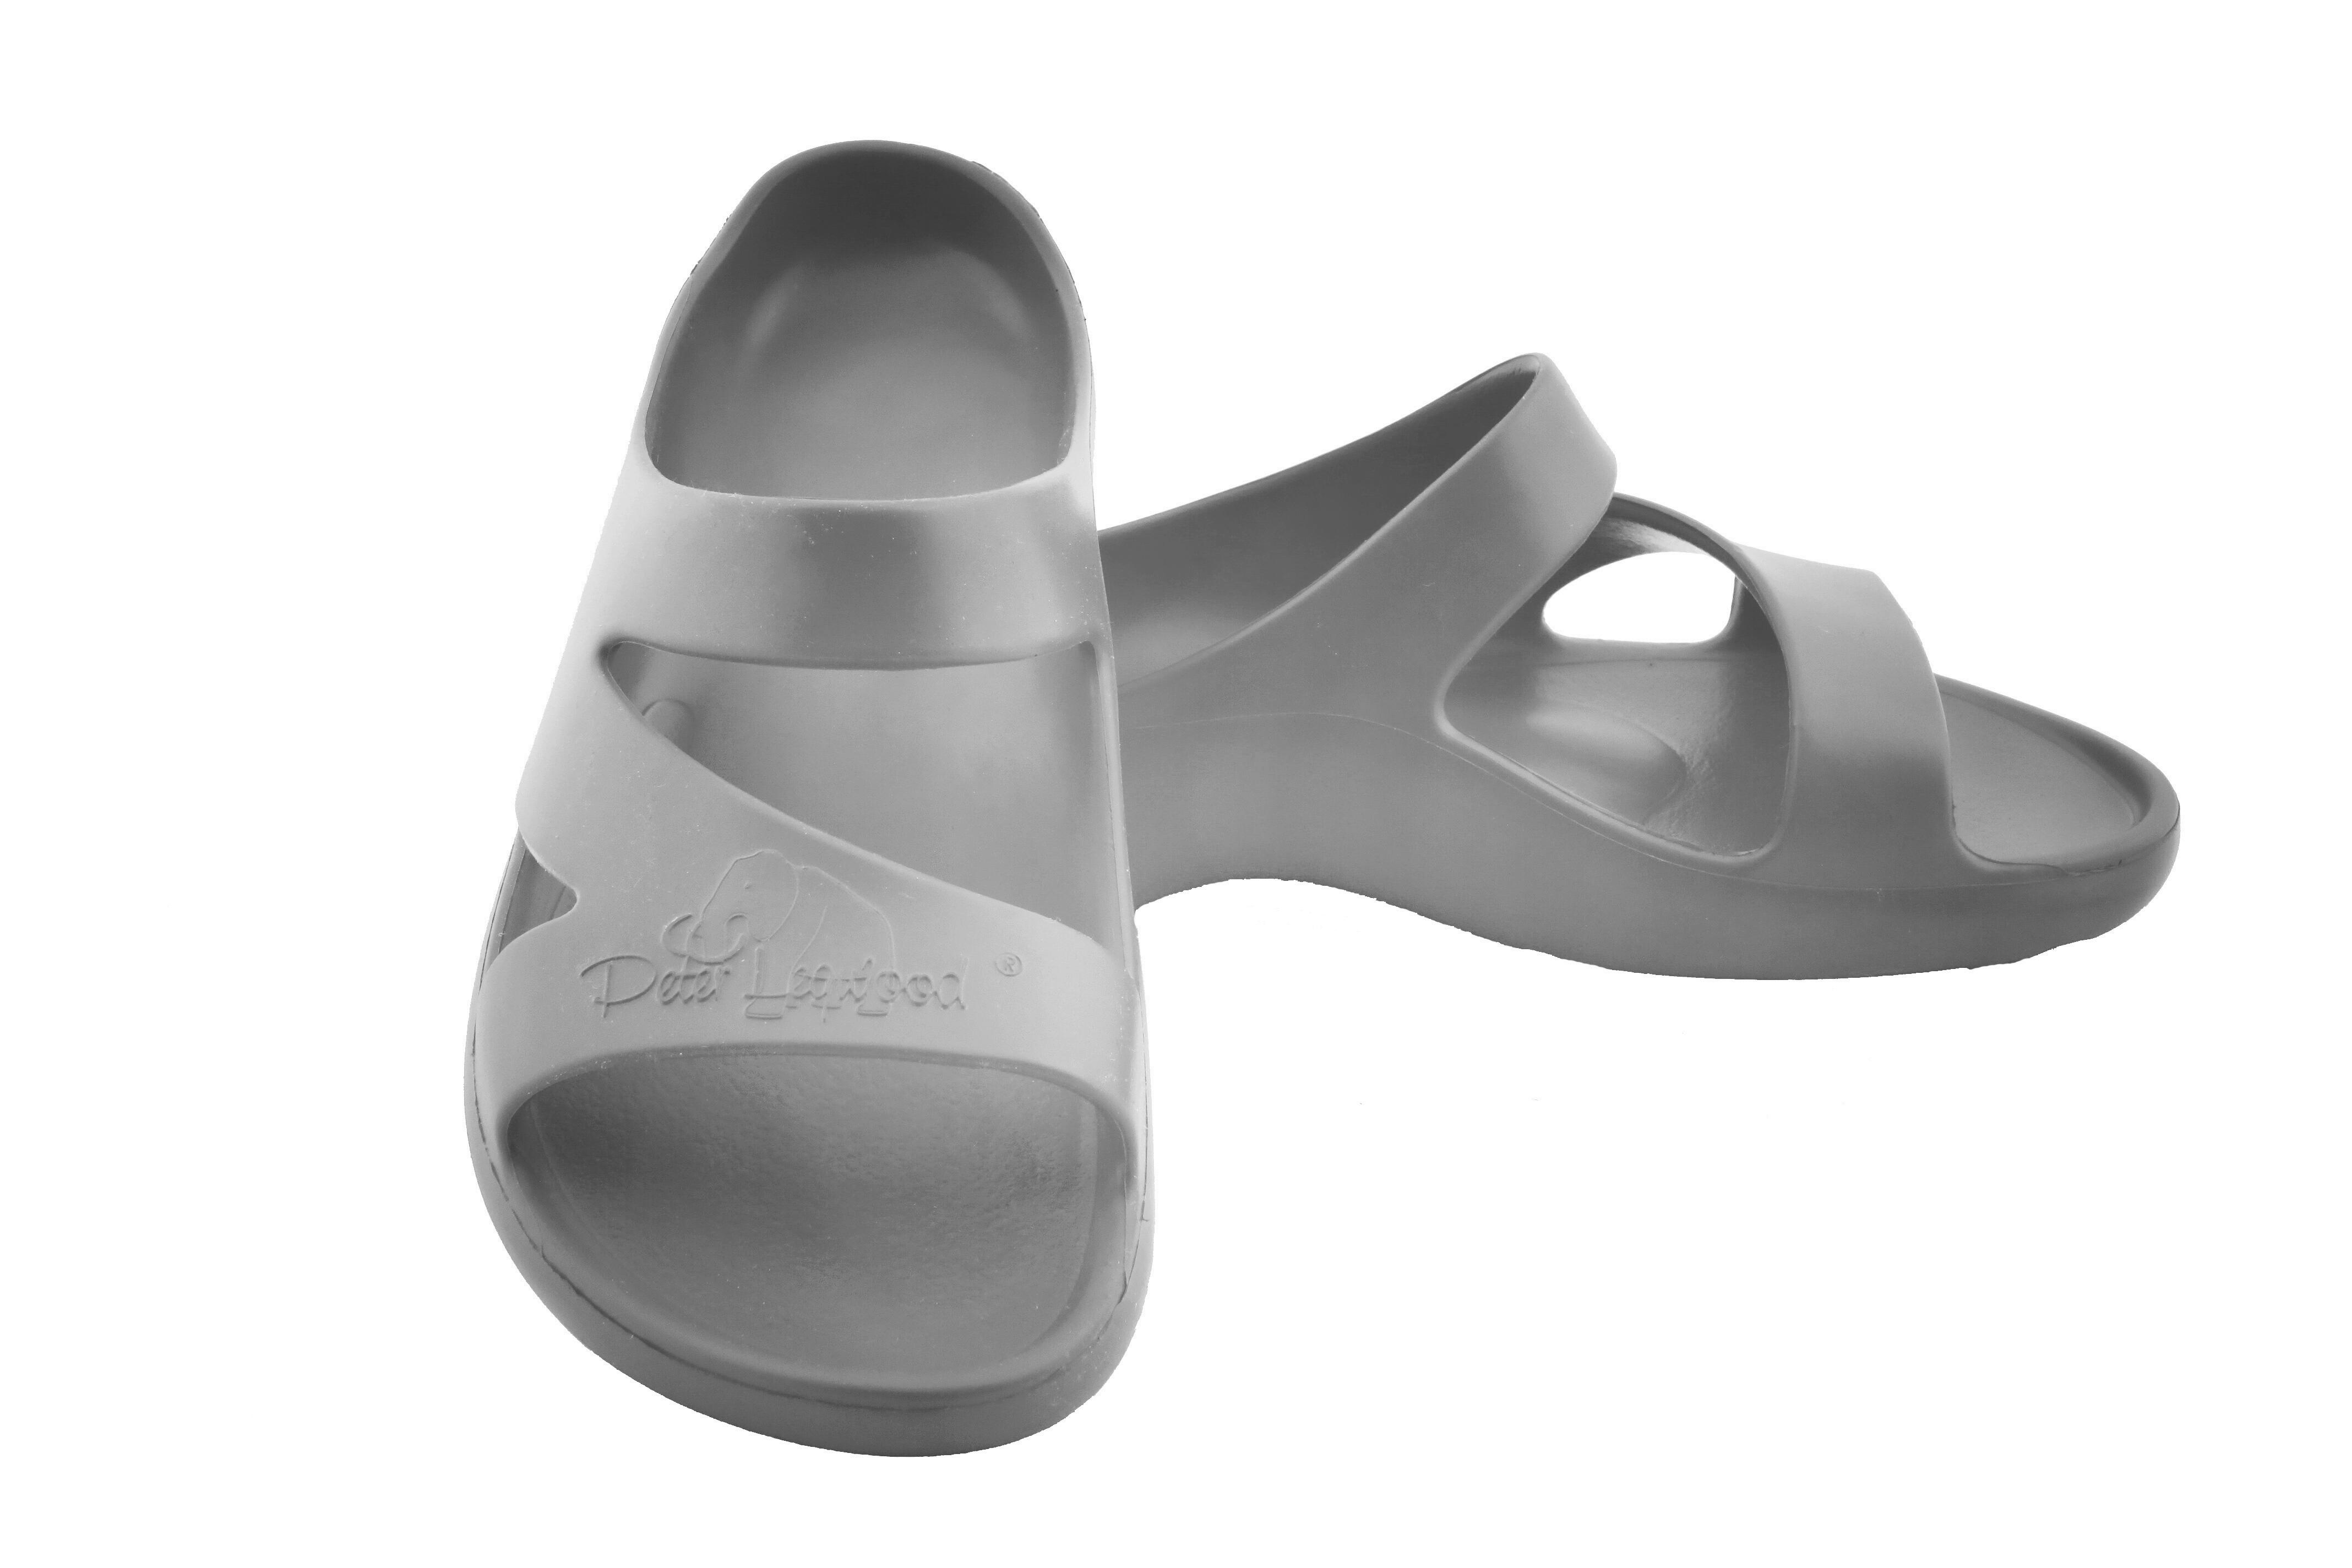 c2082e3b15e7 Zdravotní obuv Peter Legwood – novinka na prodejně !!!